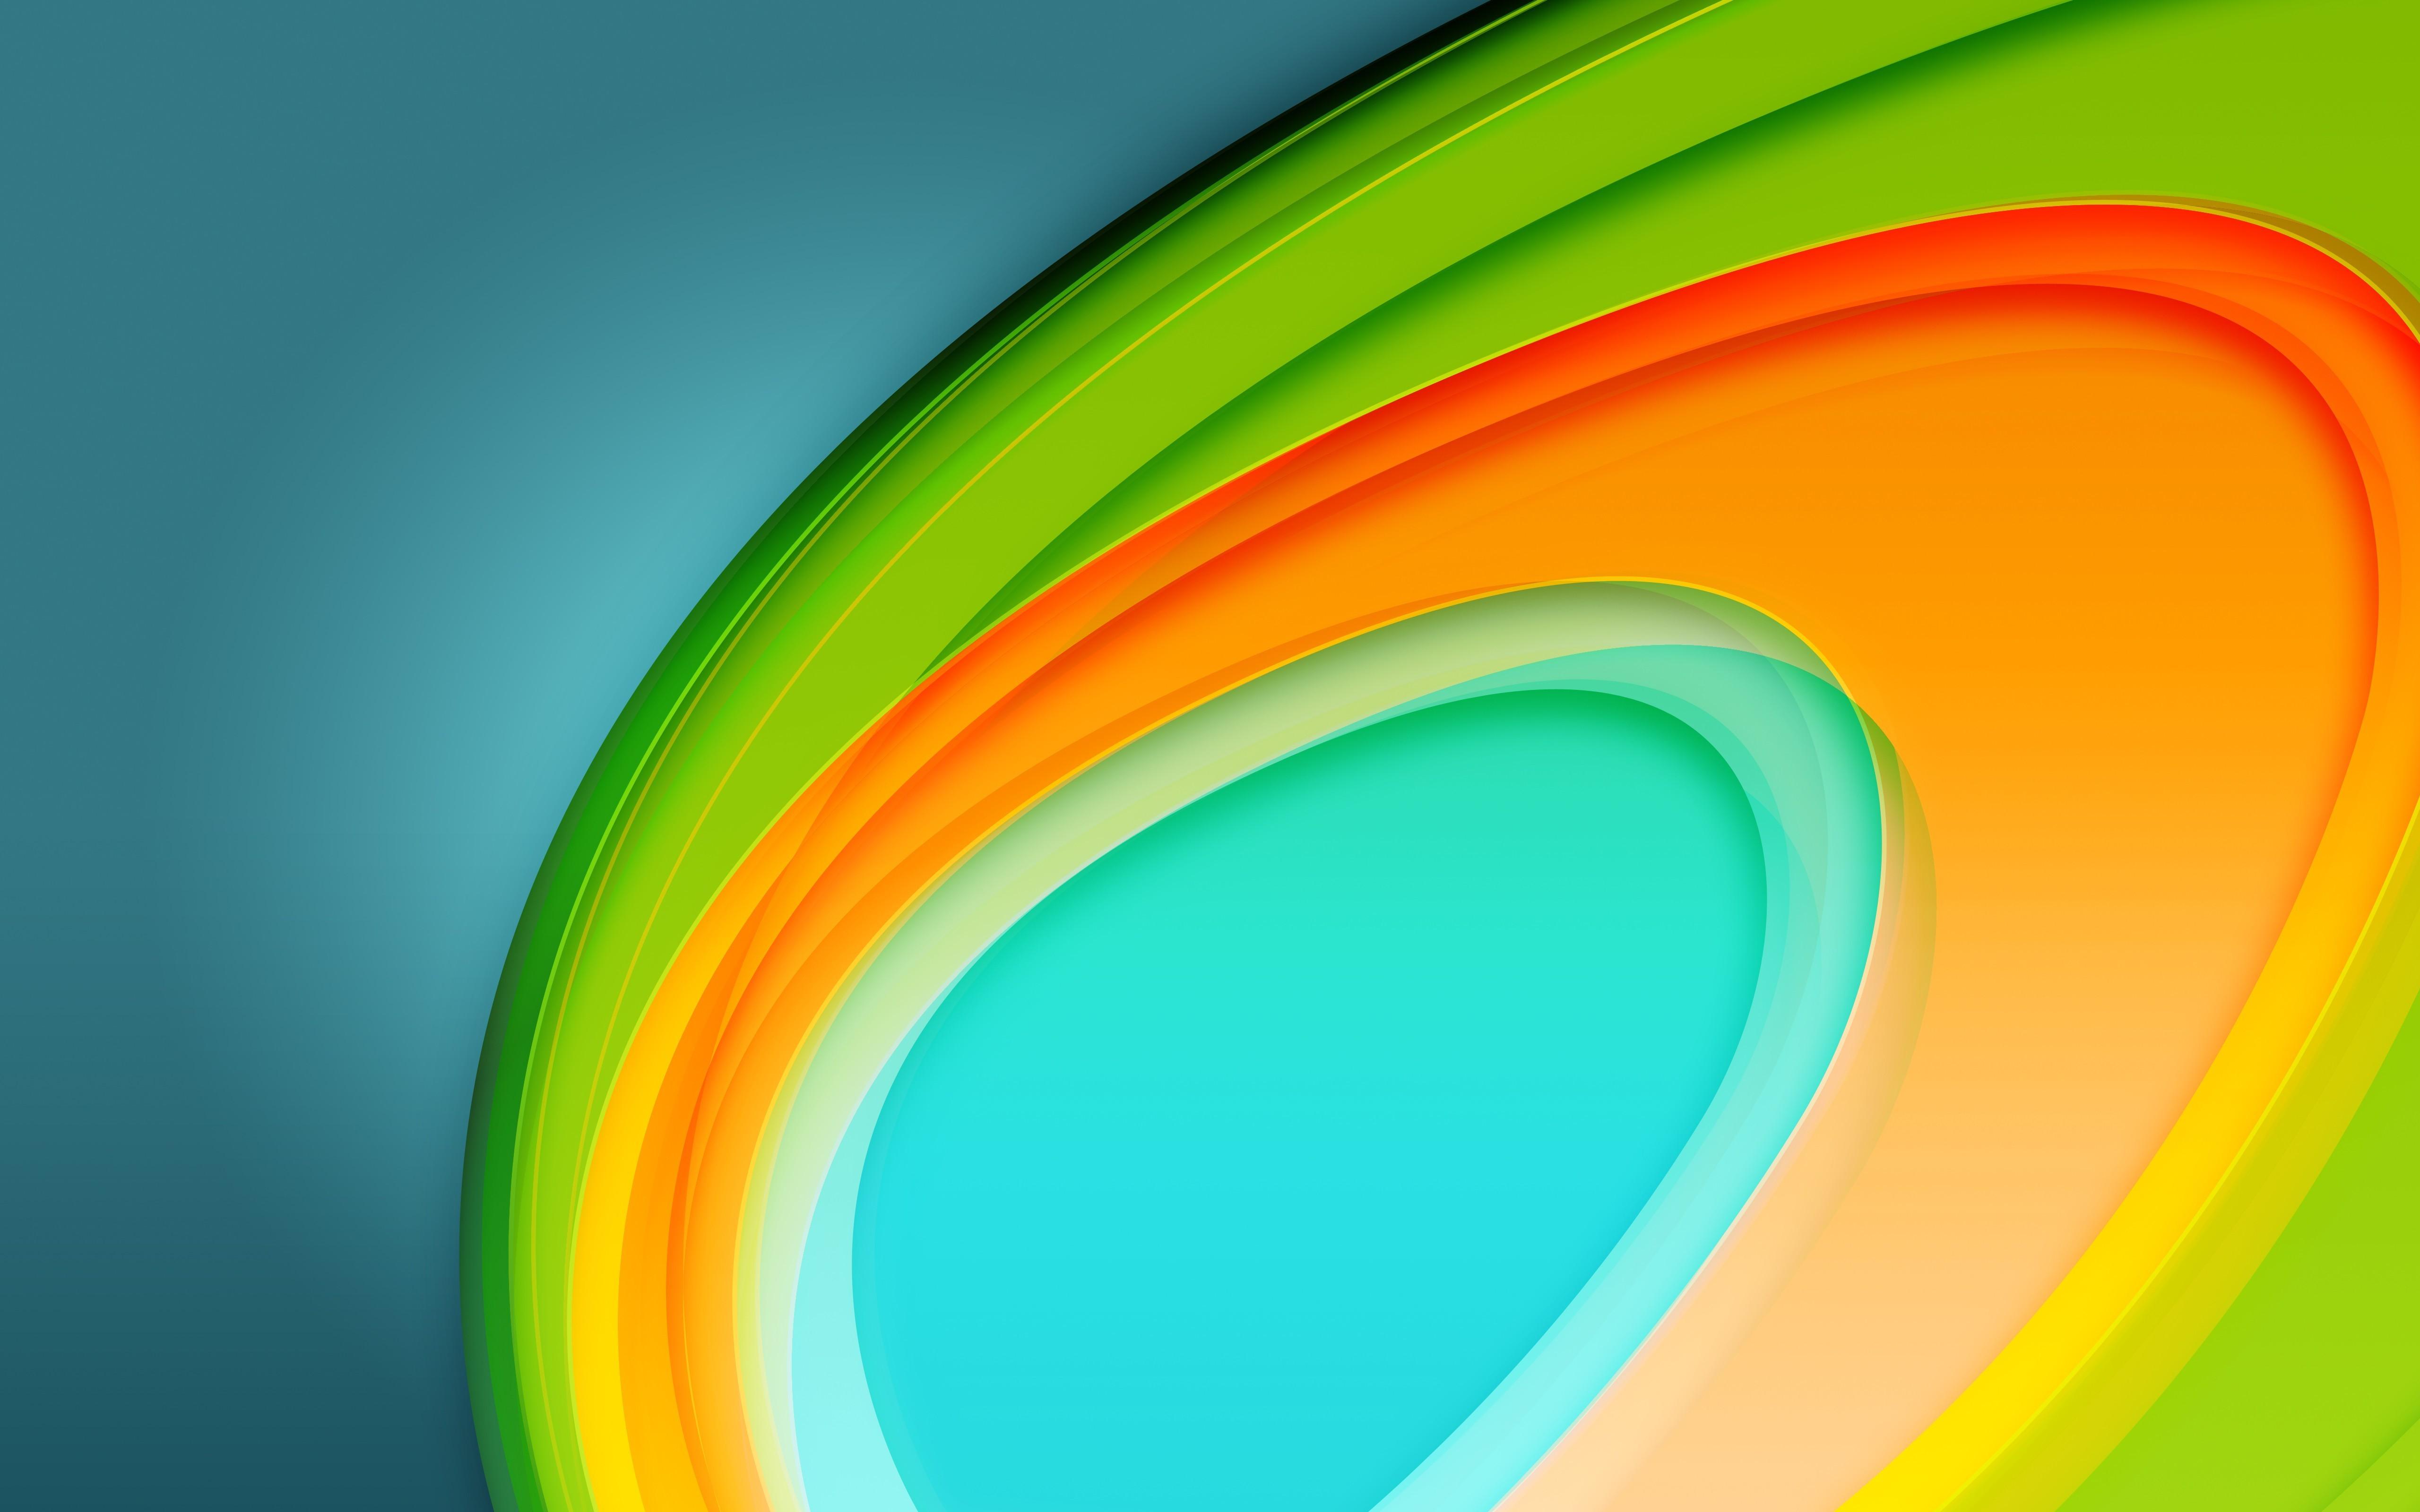 Фигура круг коричневый  № 2279573 без смс